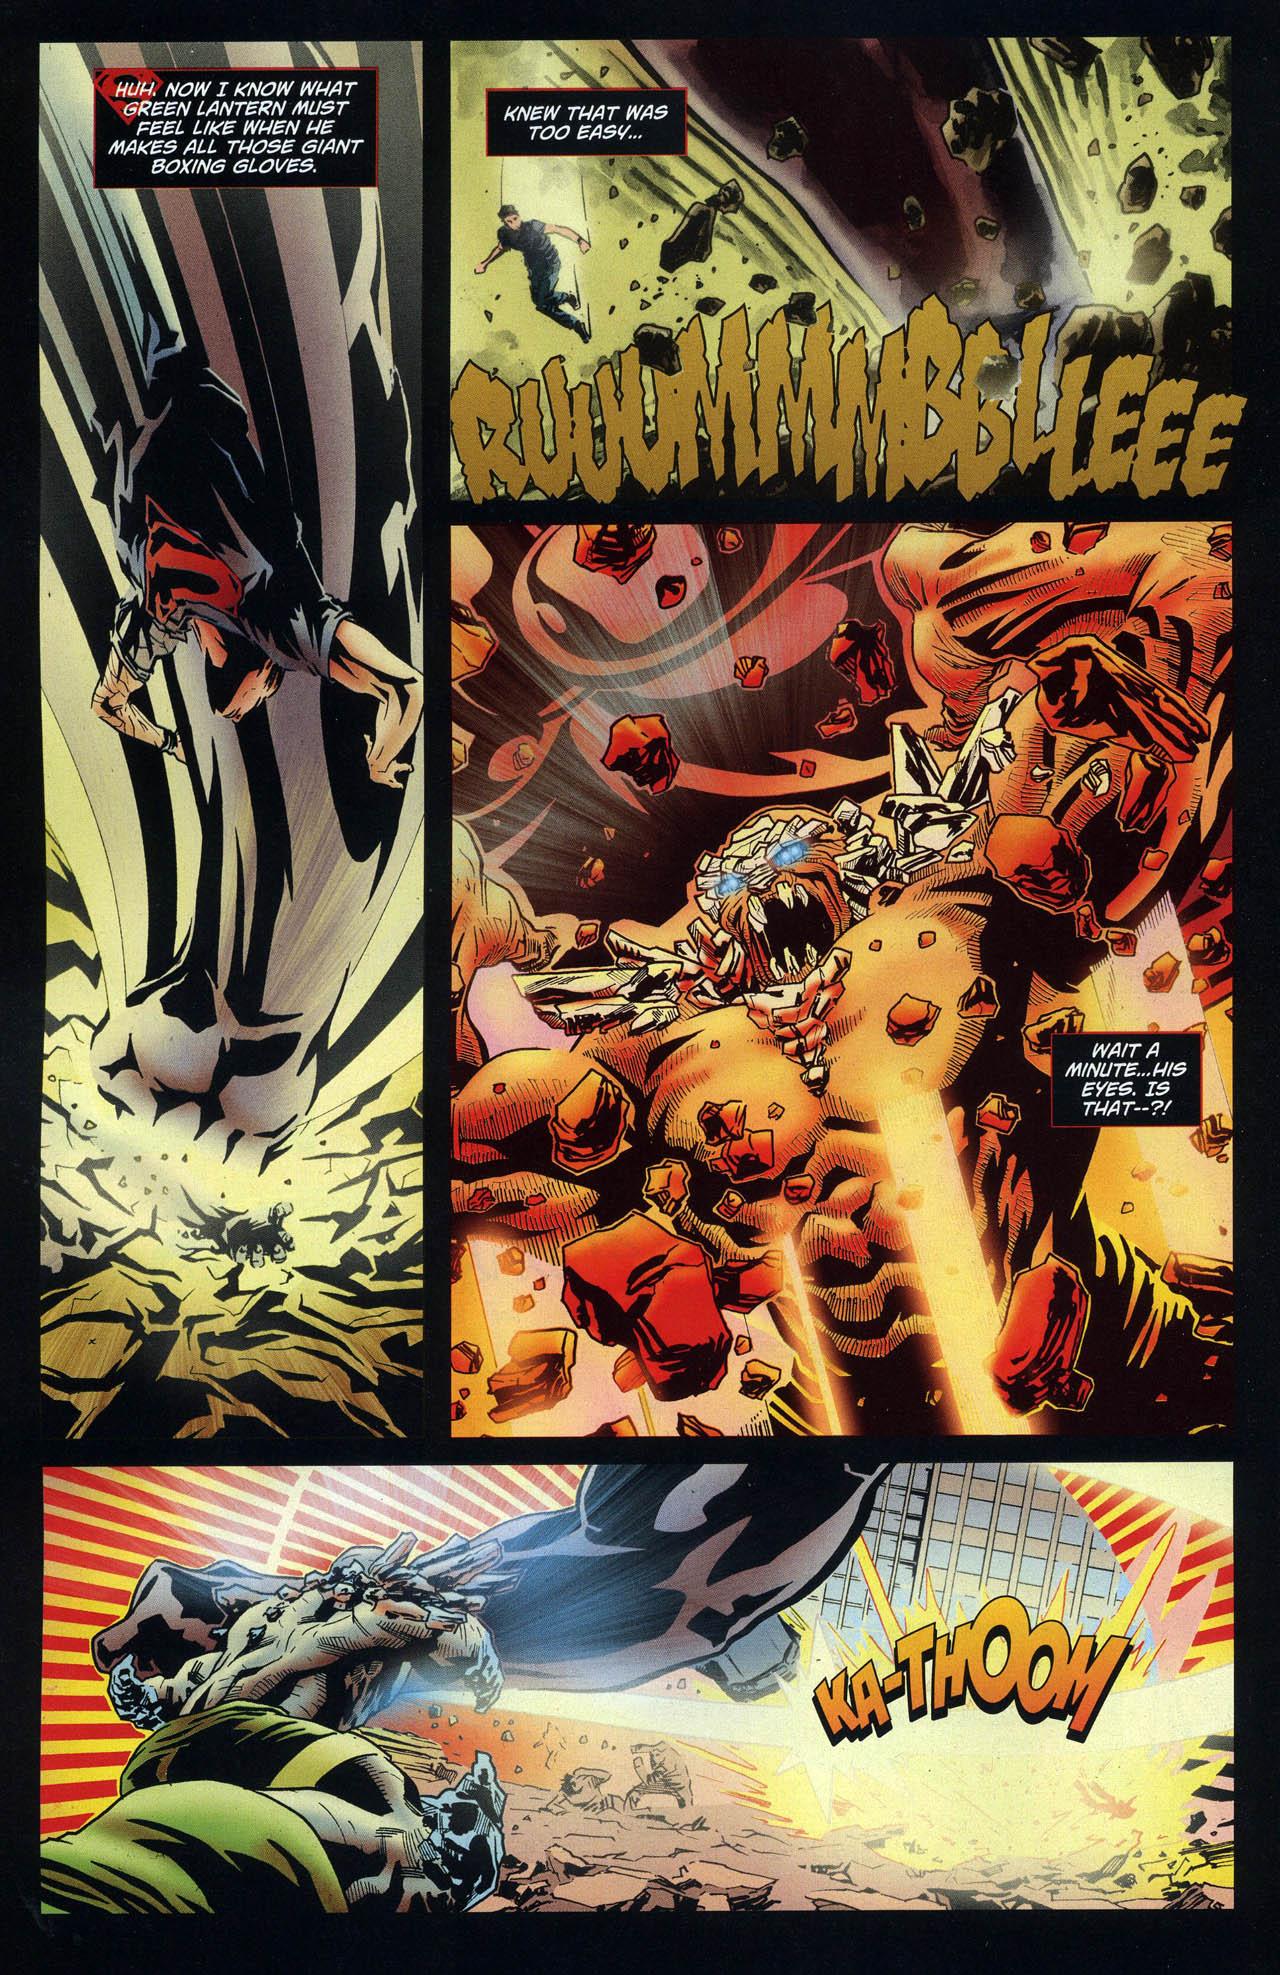 Superboy [I] Issue #6 #6 - English 14